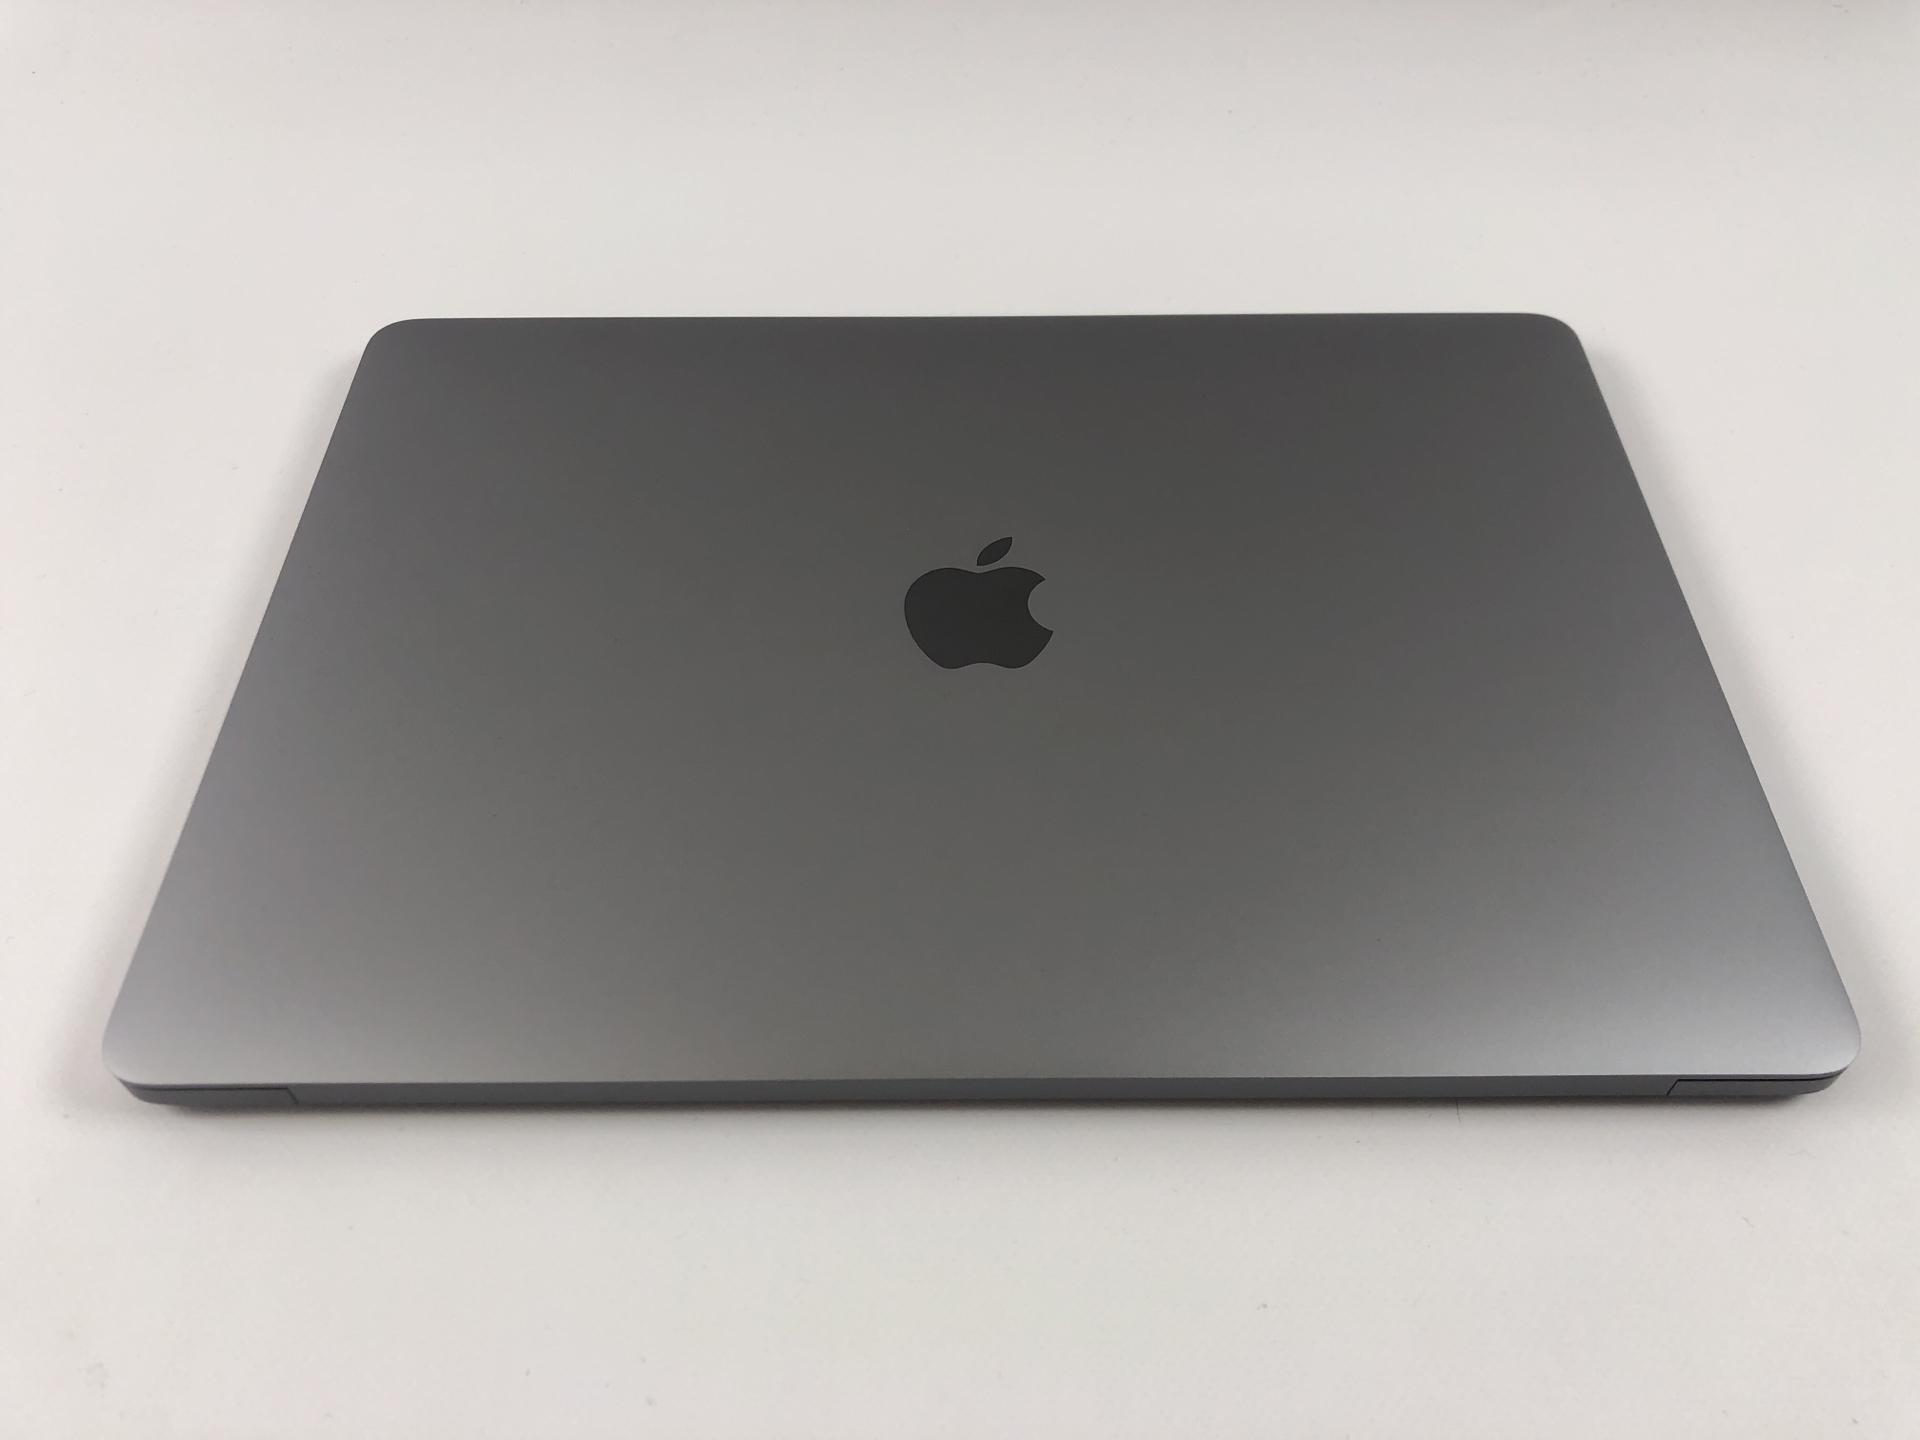 """MacBook Pro 13"""" 4TBT Mid 2019 (Intel Quad-Core i5 2.4 GHz 8 GB RAM 512 GB SSD), Space Gray, Intel Quad-Core i5 2.4 GHz, 8 GB RAM, 512 GB SSD, Bild 2"""